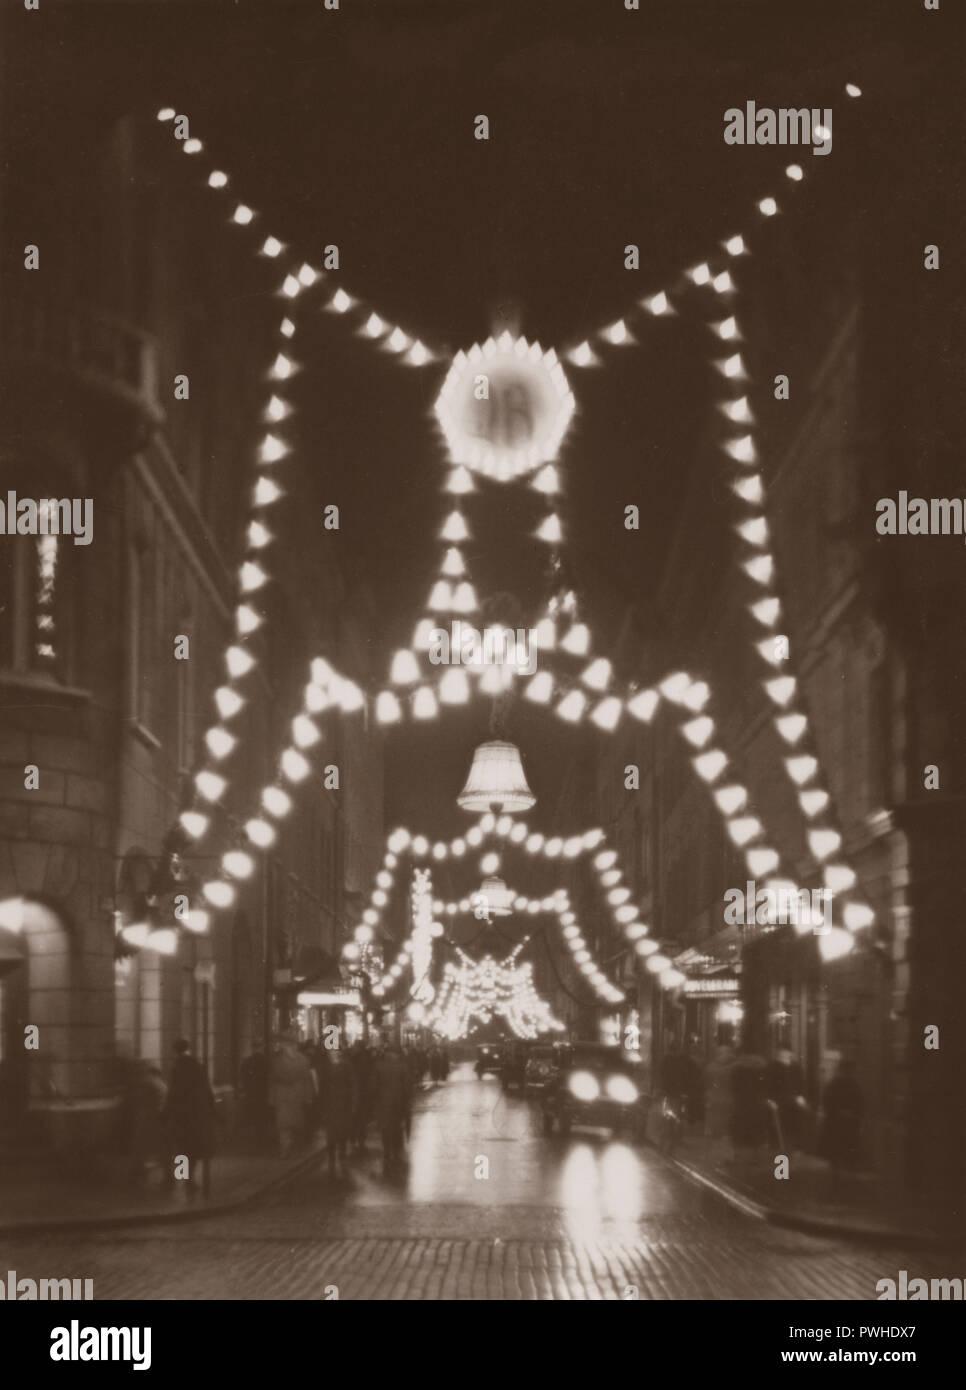 Weihnachten in den 1930er Jahren. Die belebte Straße Biblioteksgatan mit Weihnachtsbeleuchtung dekoriert ist. Das elektrische Licht und die Weihnachtsdekorationen schafft eine schöne Weihnachten. Schweden 1930 Stockbild